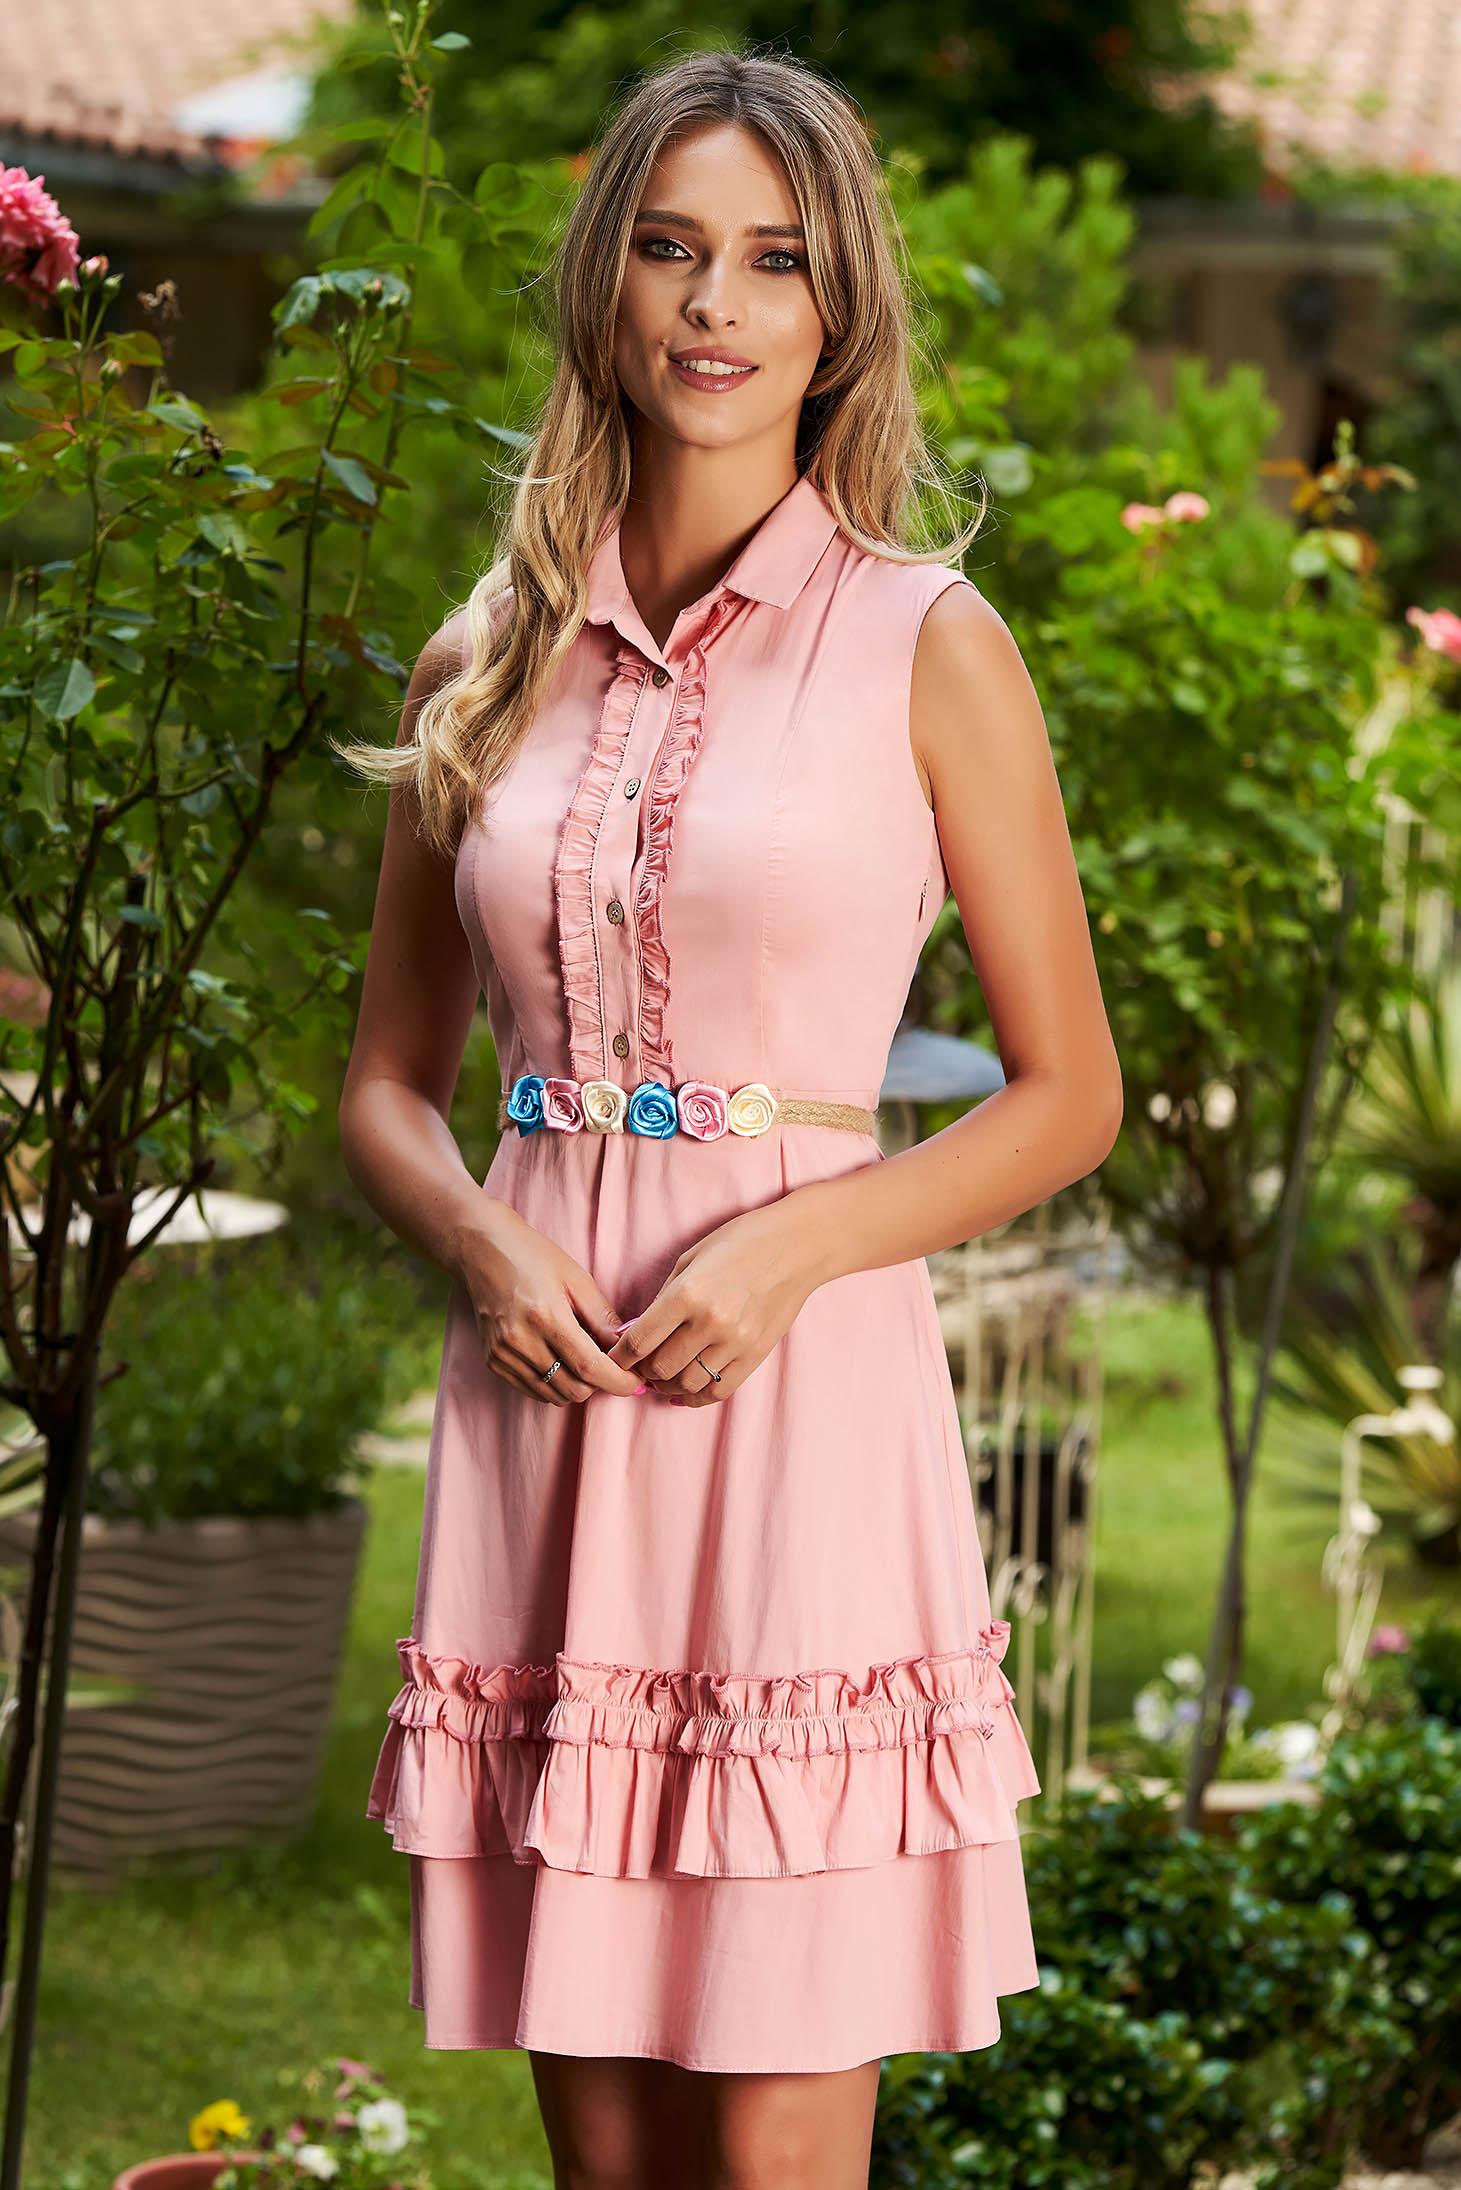 Rochie roz prafuit casual scurta in clos cu volanase fara maneci cu accesoriu inclus